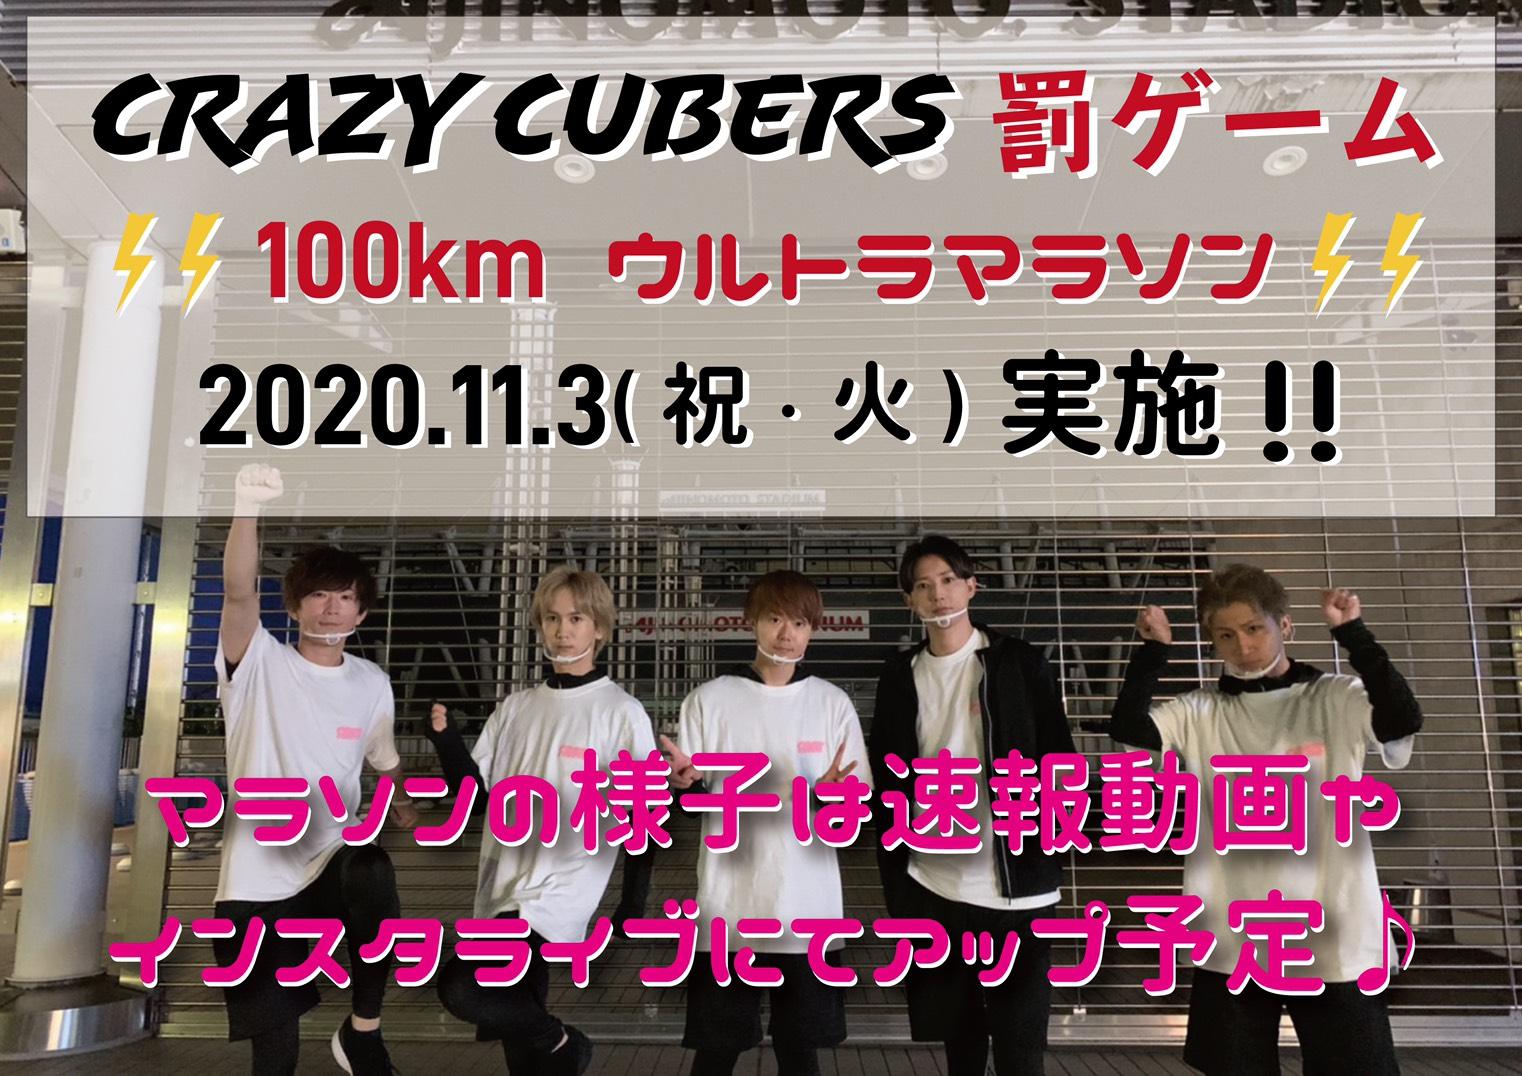 【NEWS】11/3(祝・火)CRAZY CUBERS罰ゲーム「100km ウルトラマラソン」企画実施!